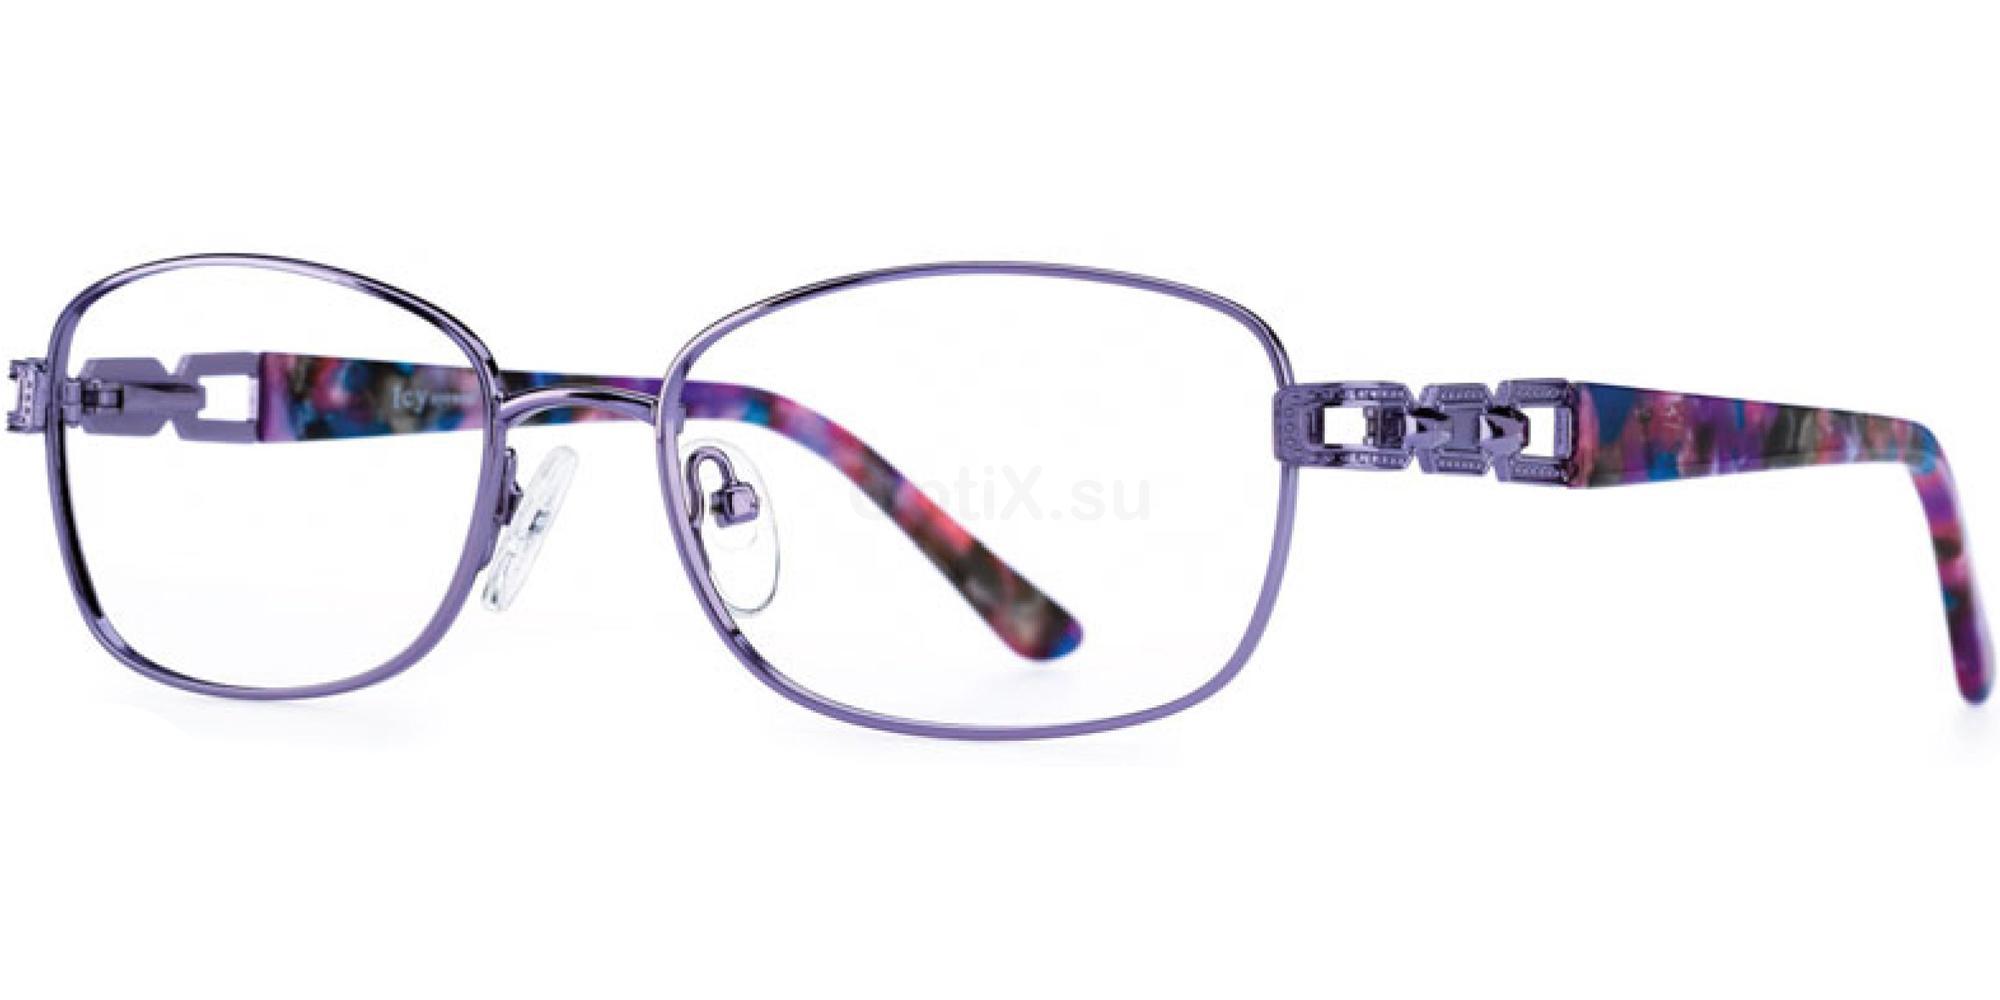 C1 Icy 772 Glasses, Icy Eyewear - Metals